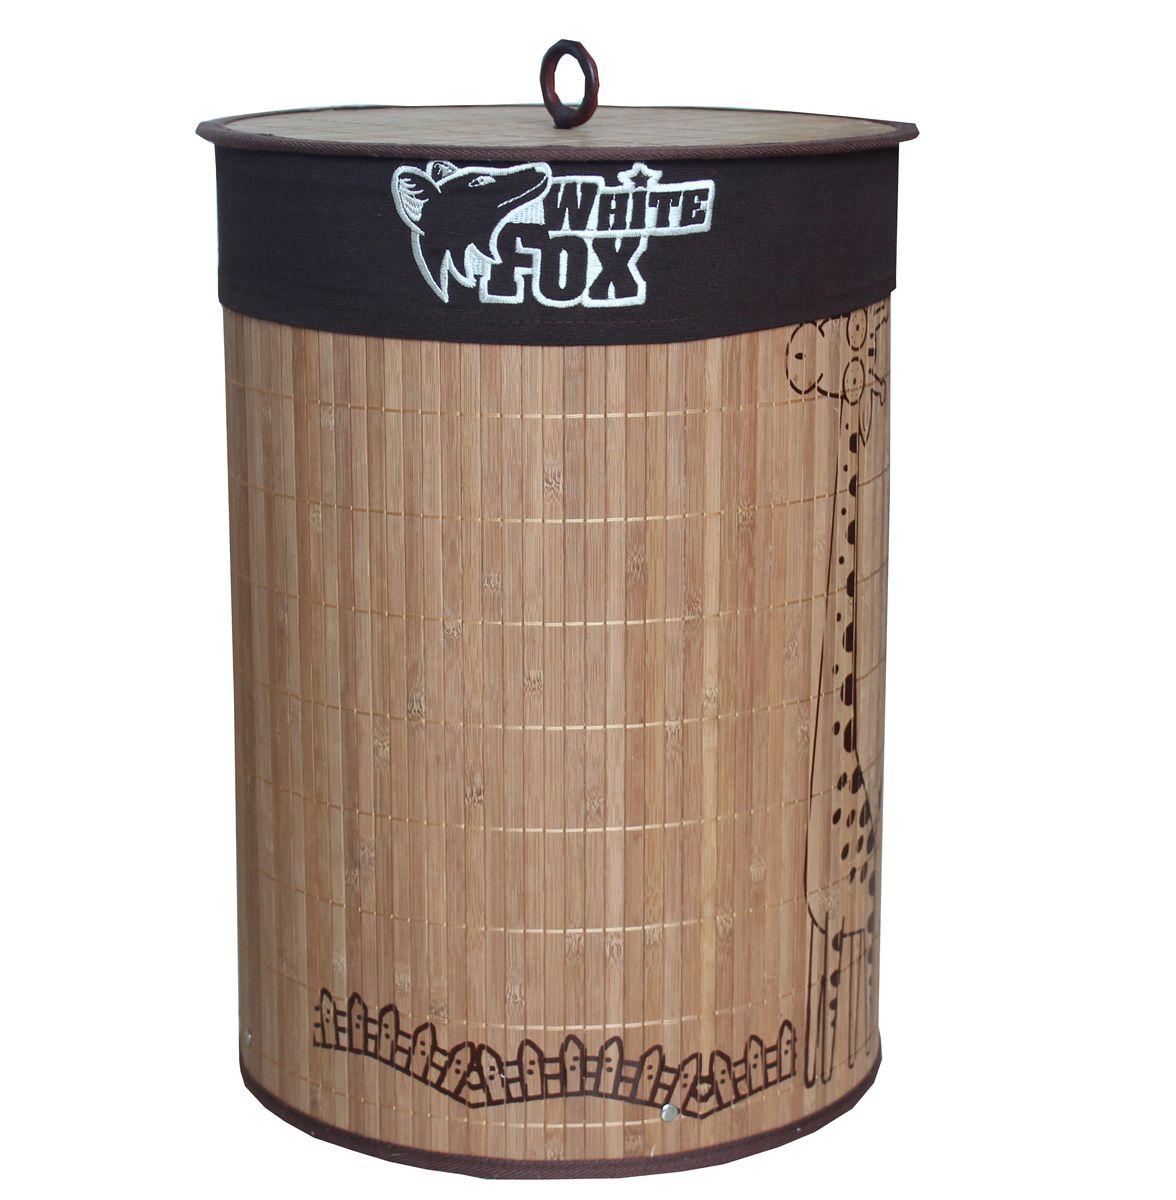 Корзина для белья White Fox Bamboo Beauty, круглая1841/1Корзина White Fox Bamboo Beauty предназначена для организации и хранения белья. Съемный чехол можно стирать в стиральной машине при деликатной стирке. Удобные ручки помогут перемещать корзину в любое удобное место. Состав: бамбук и текстиль